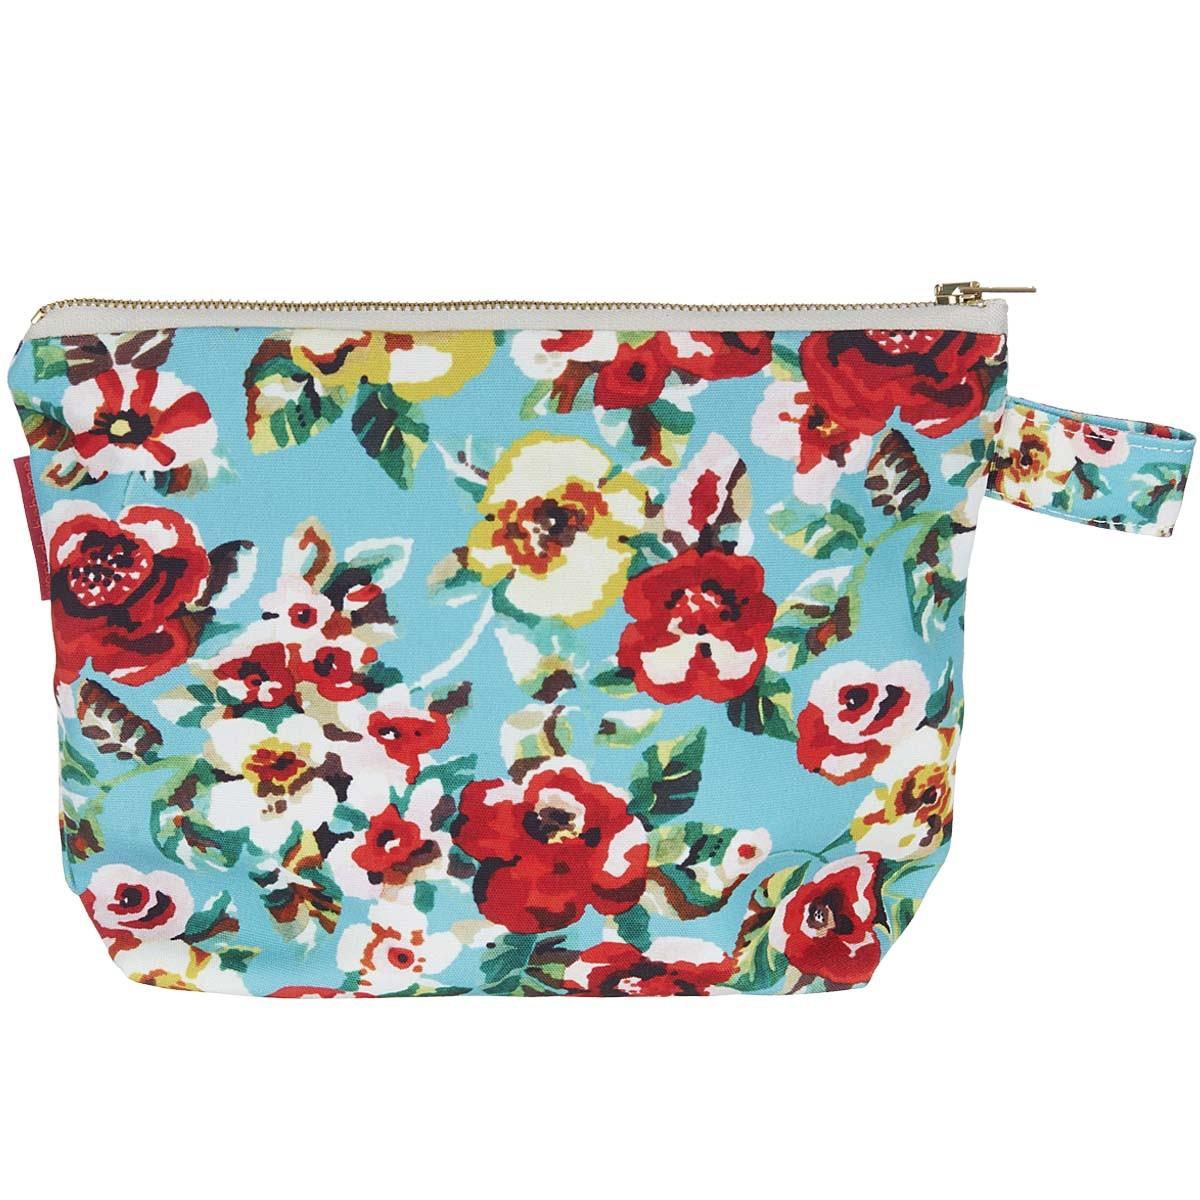 Pochette en toile outdoor imprimé fleuri turquoise